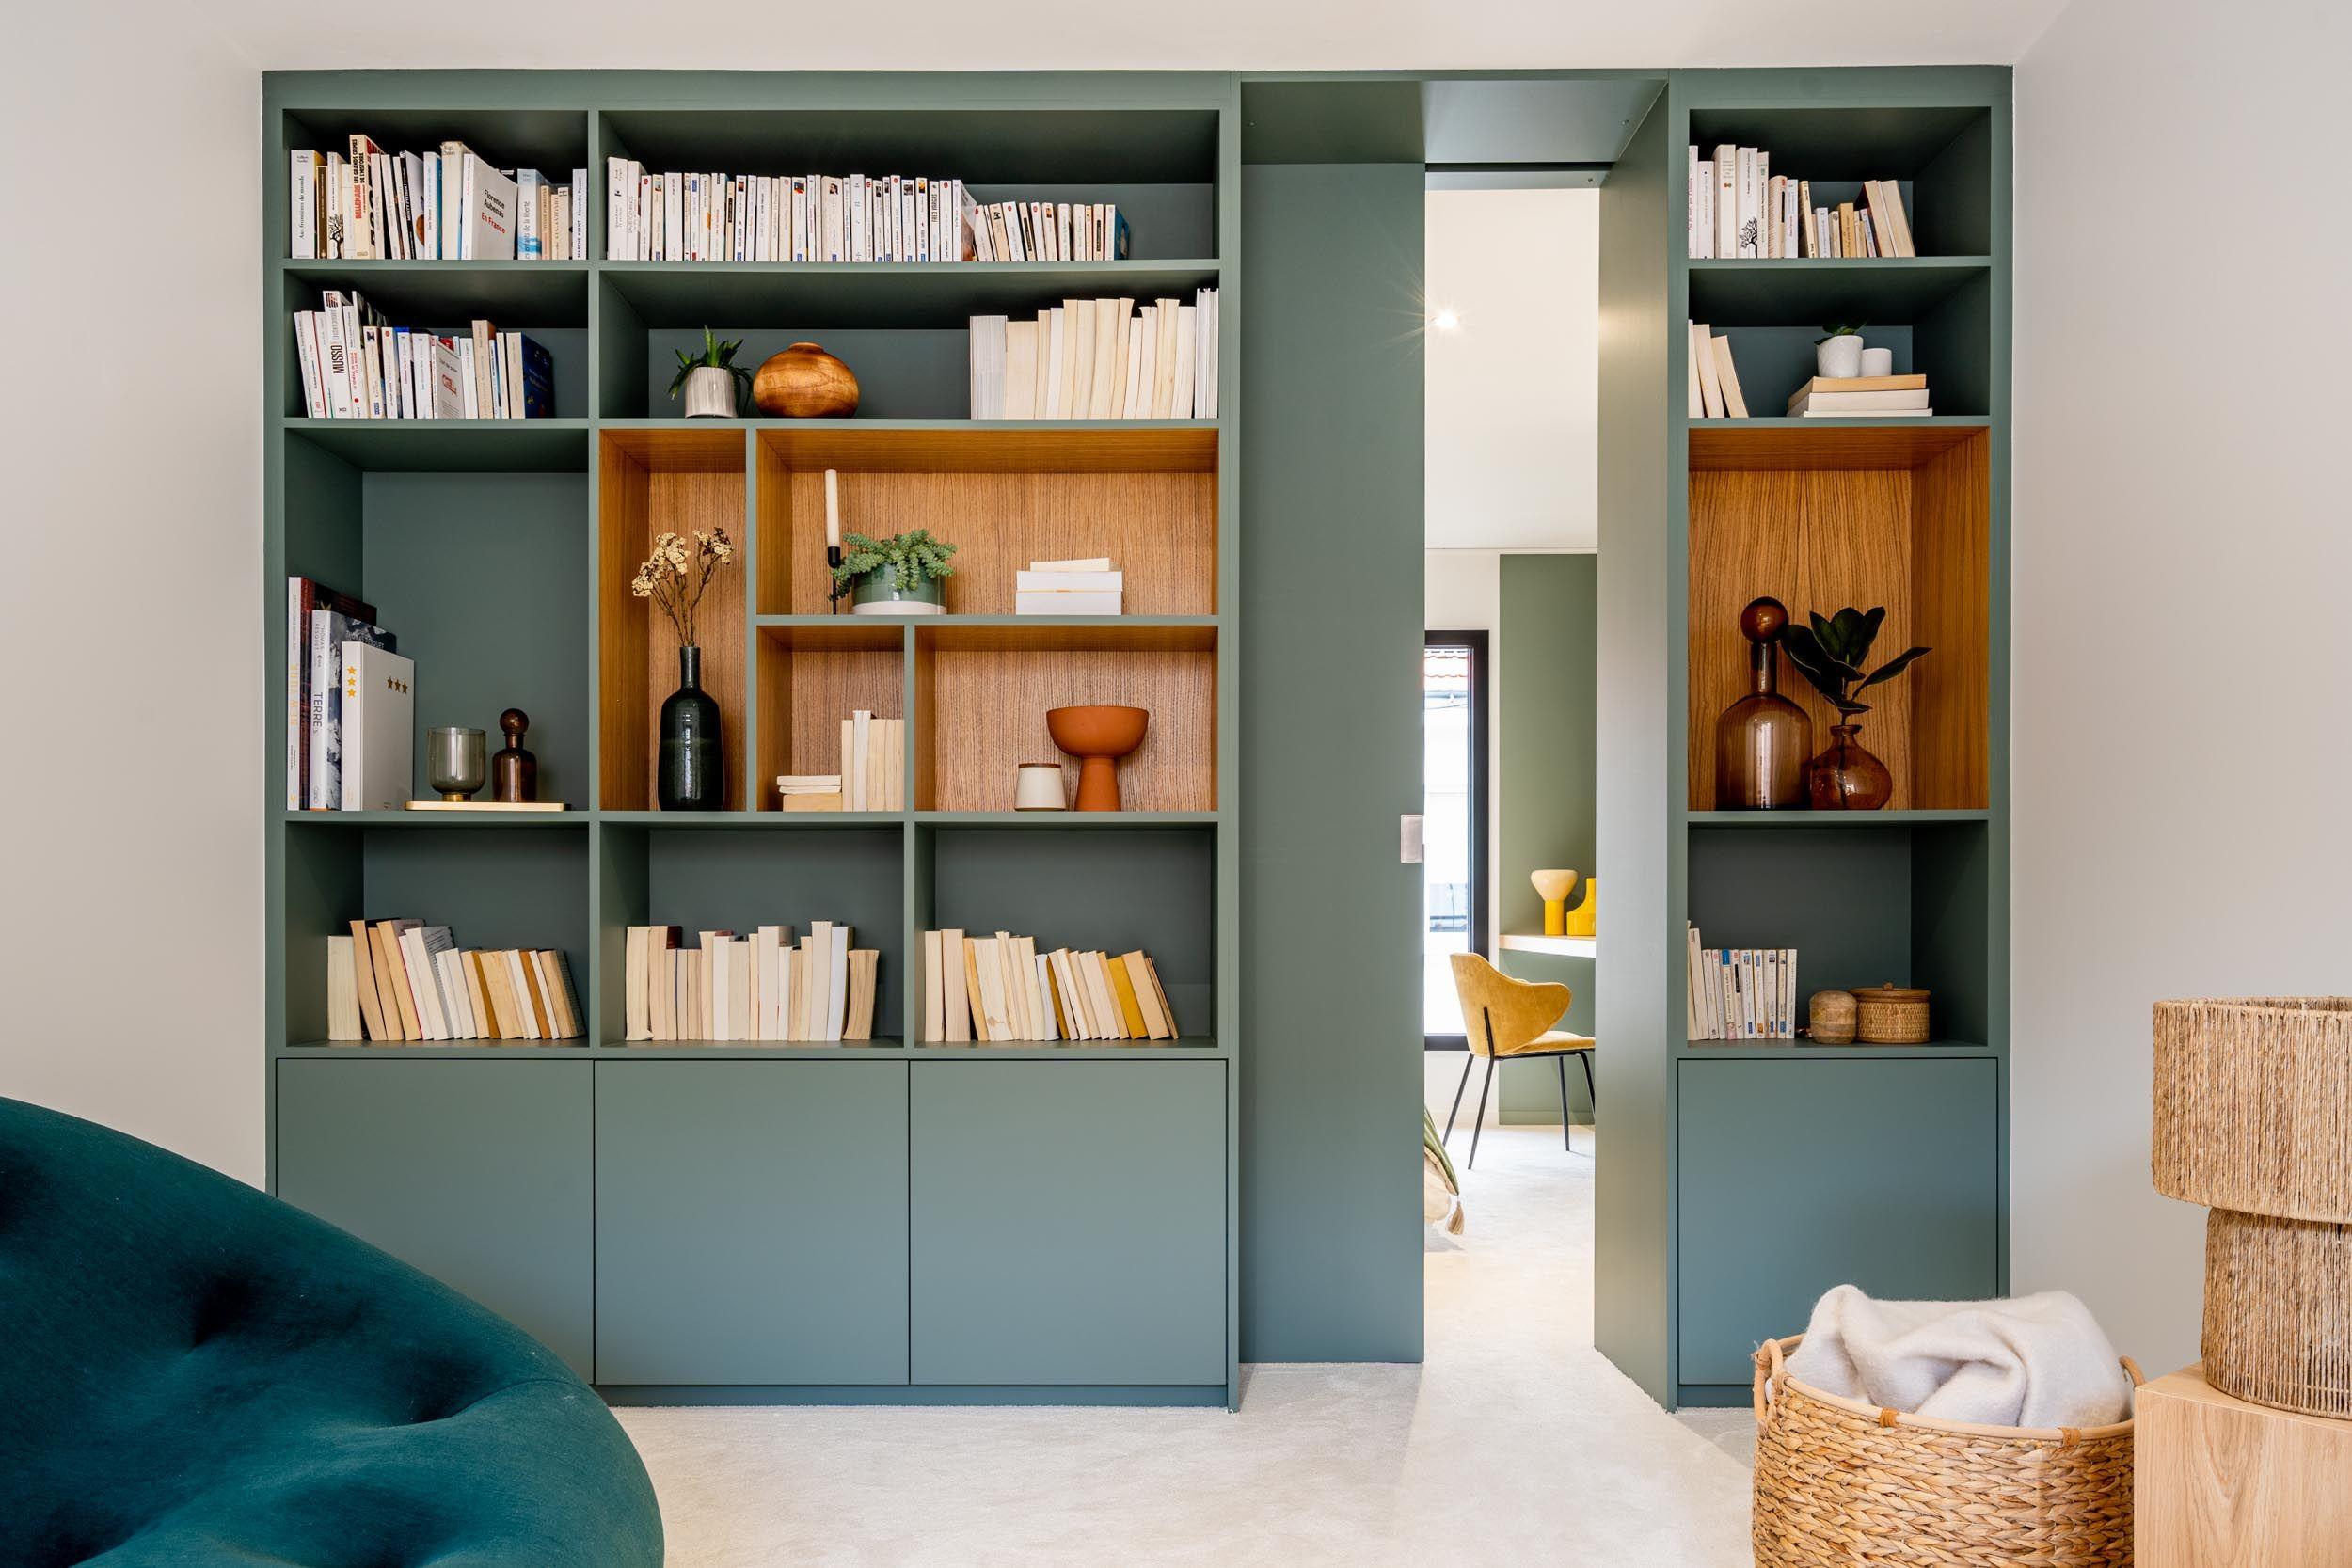 meuble bibliothèque pour séparer des pièces 11